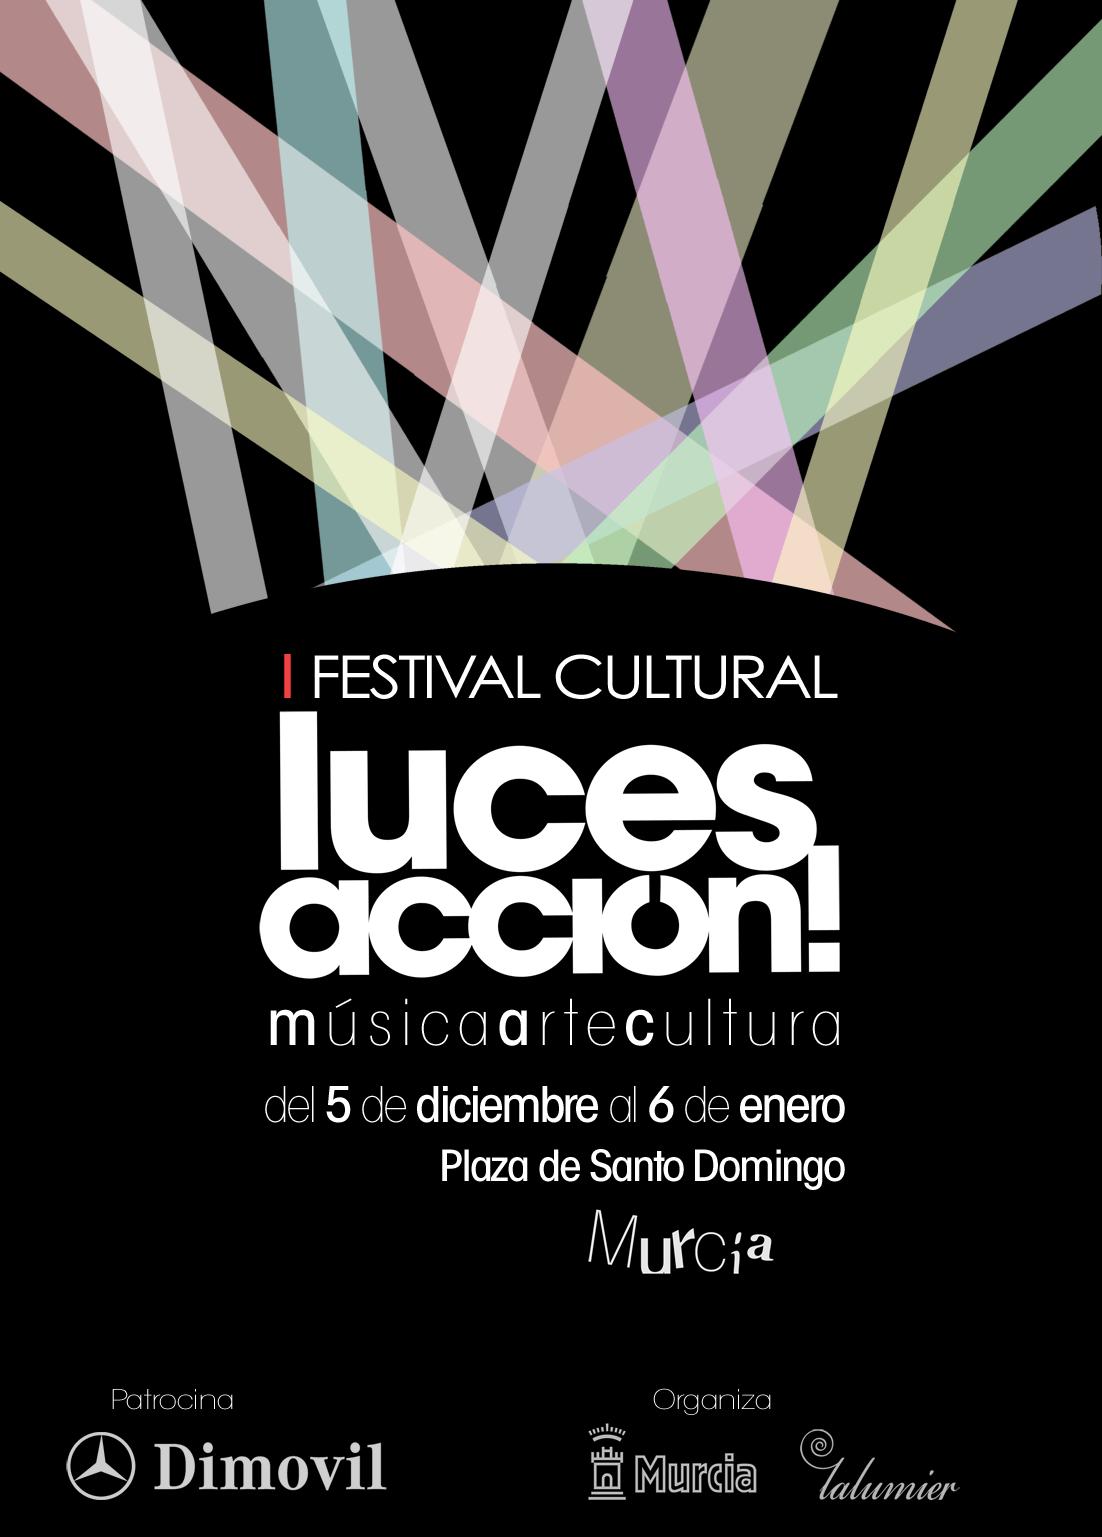 Las luces de Navidad y la cultura murciana dan la bienvenida al festival Luces, Acción!